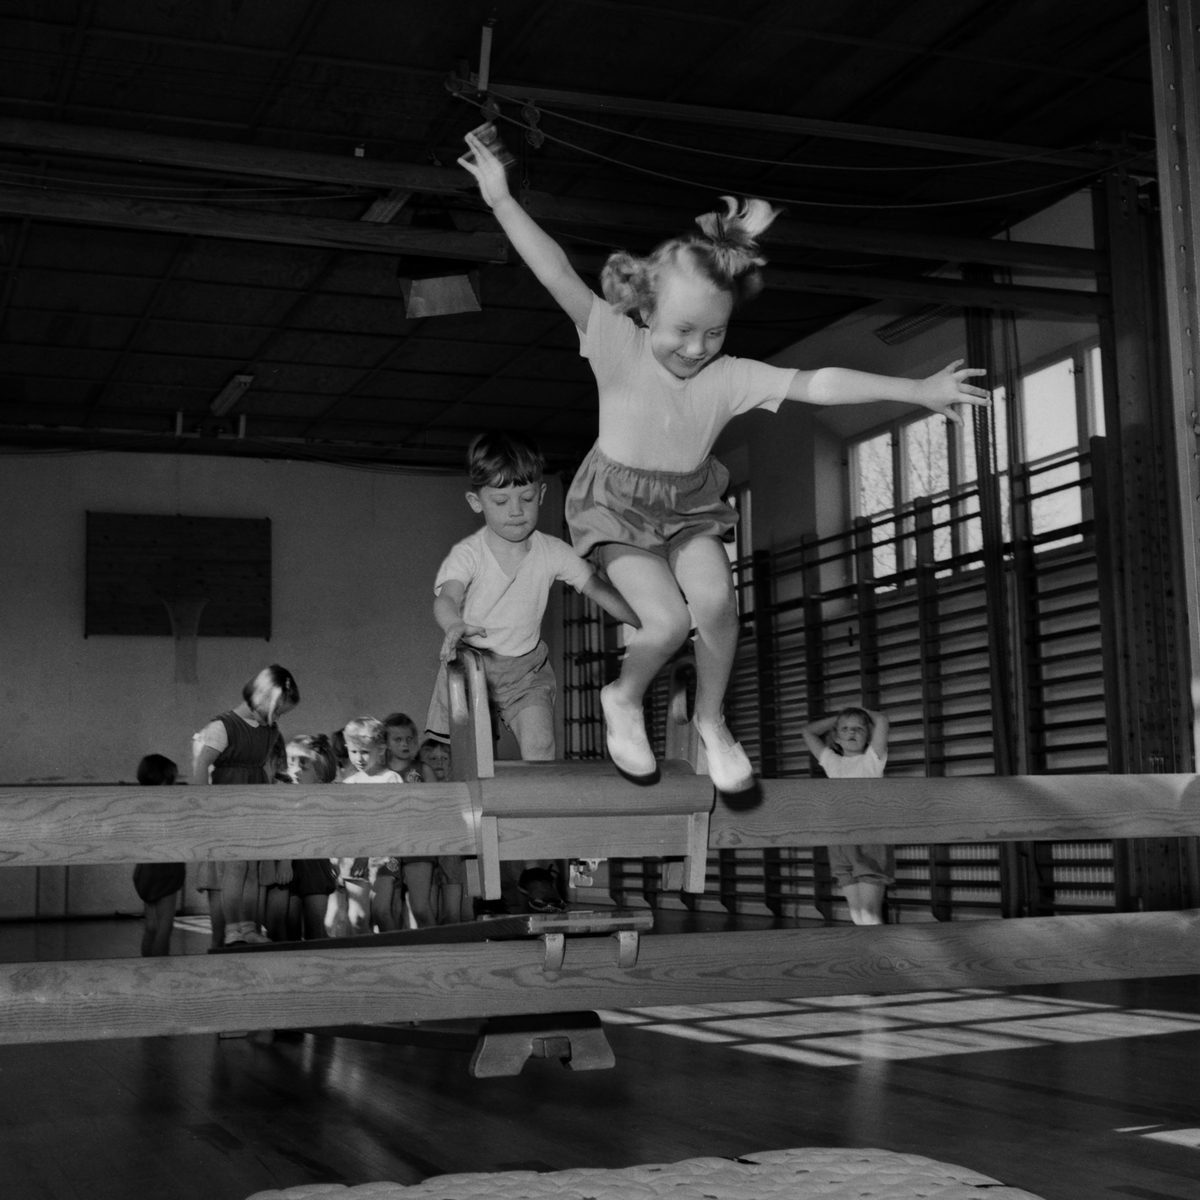 ABF Gymnastik 24-25/3 1953.  Gymnastikuppvisning. Gymnastik. Gympa. Uppvisning. Sport. Akrobatik. Reportage.